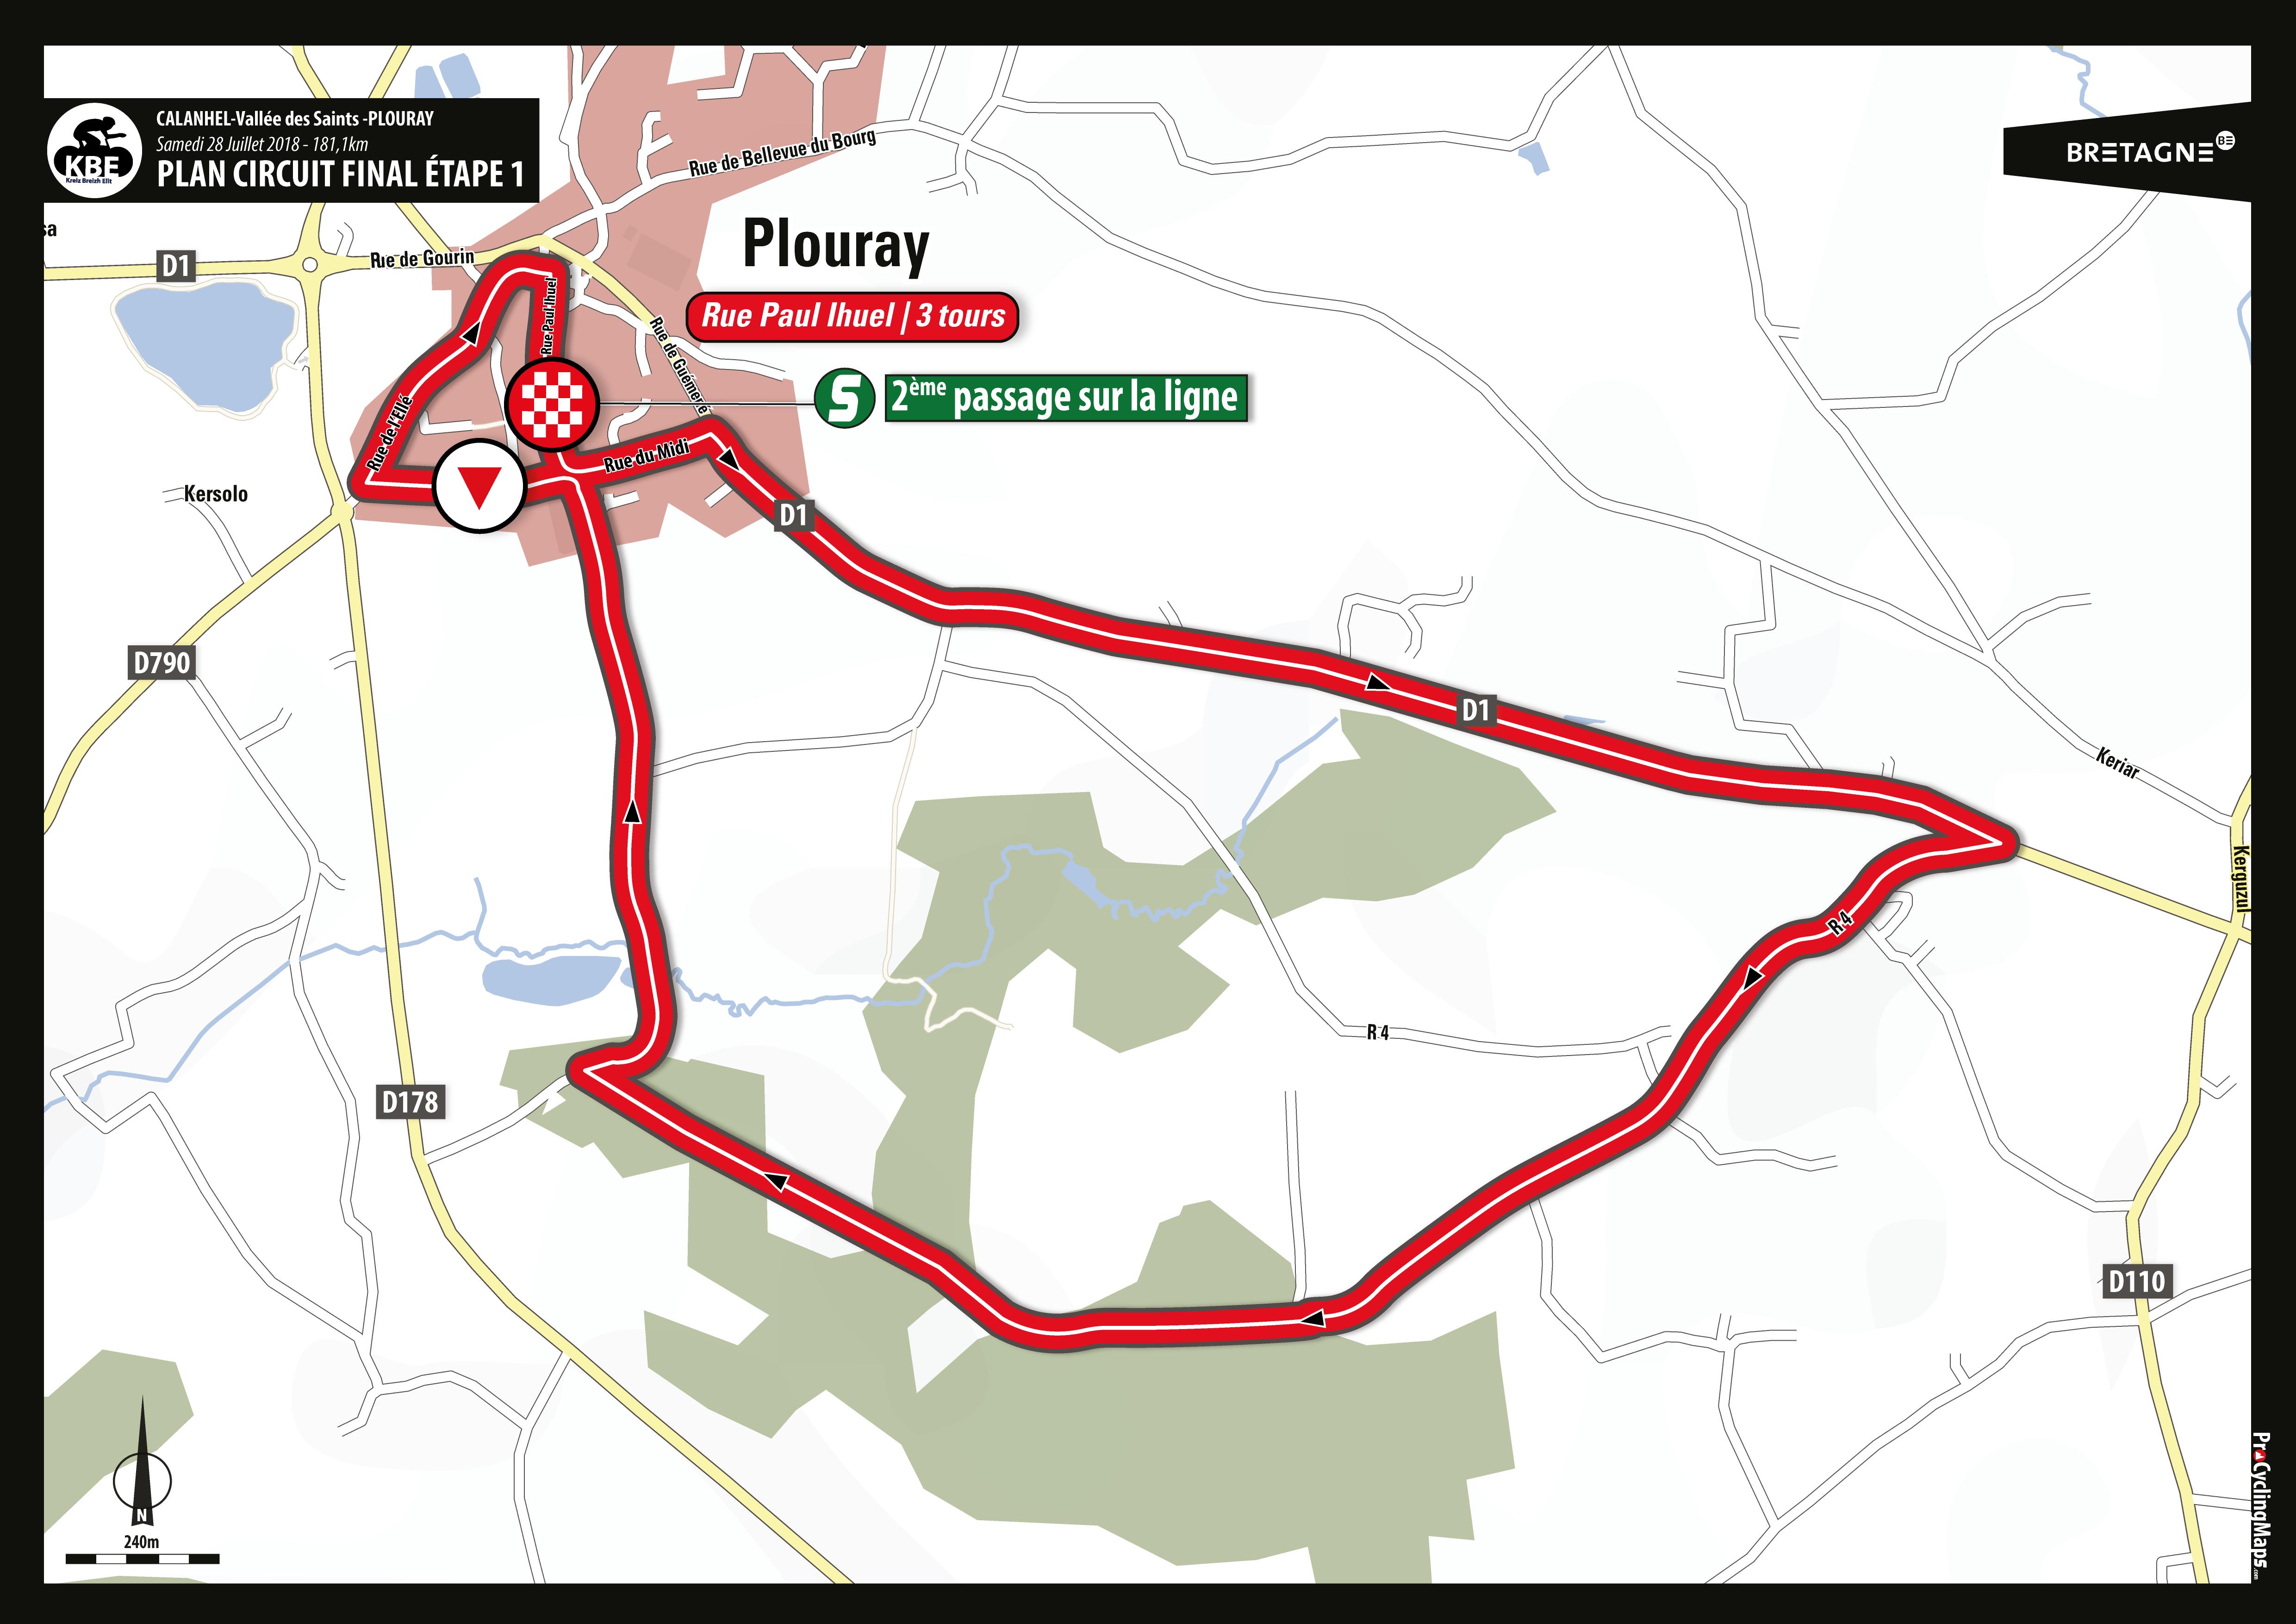 KBE2018 - Plan arrivée circuit final E1 - Plouray V1